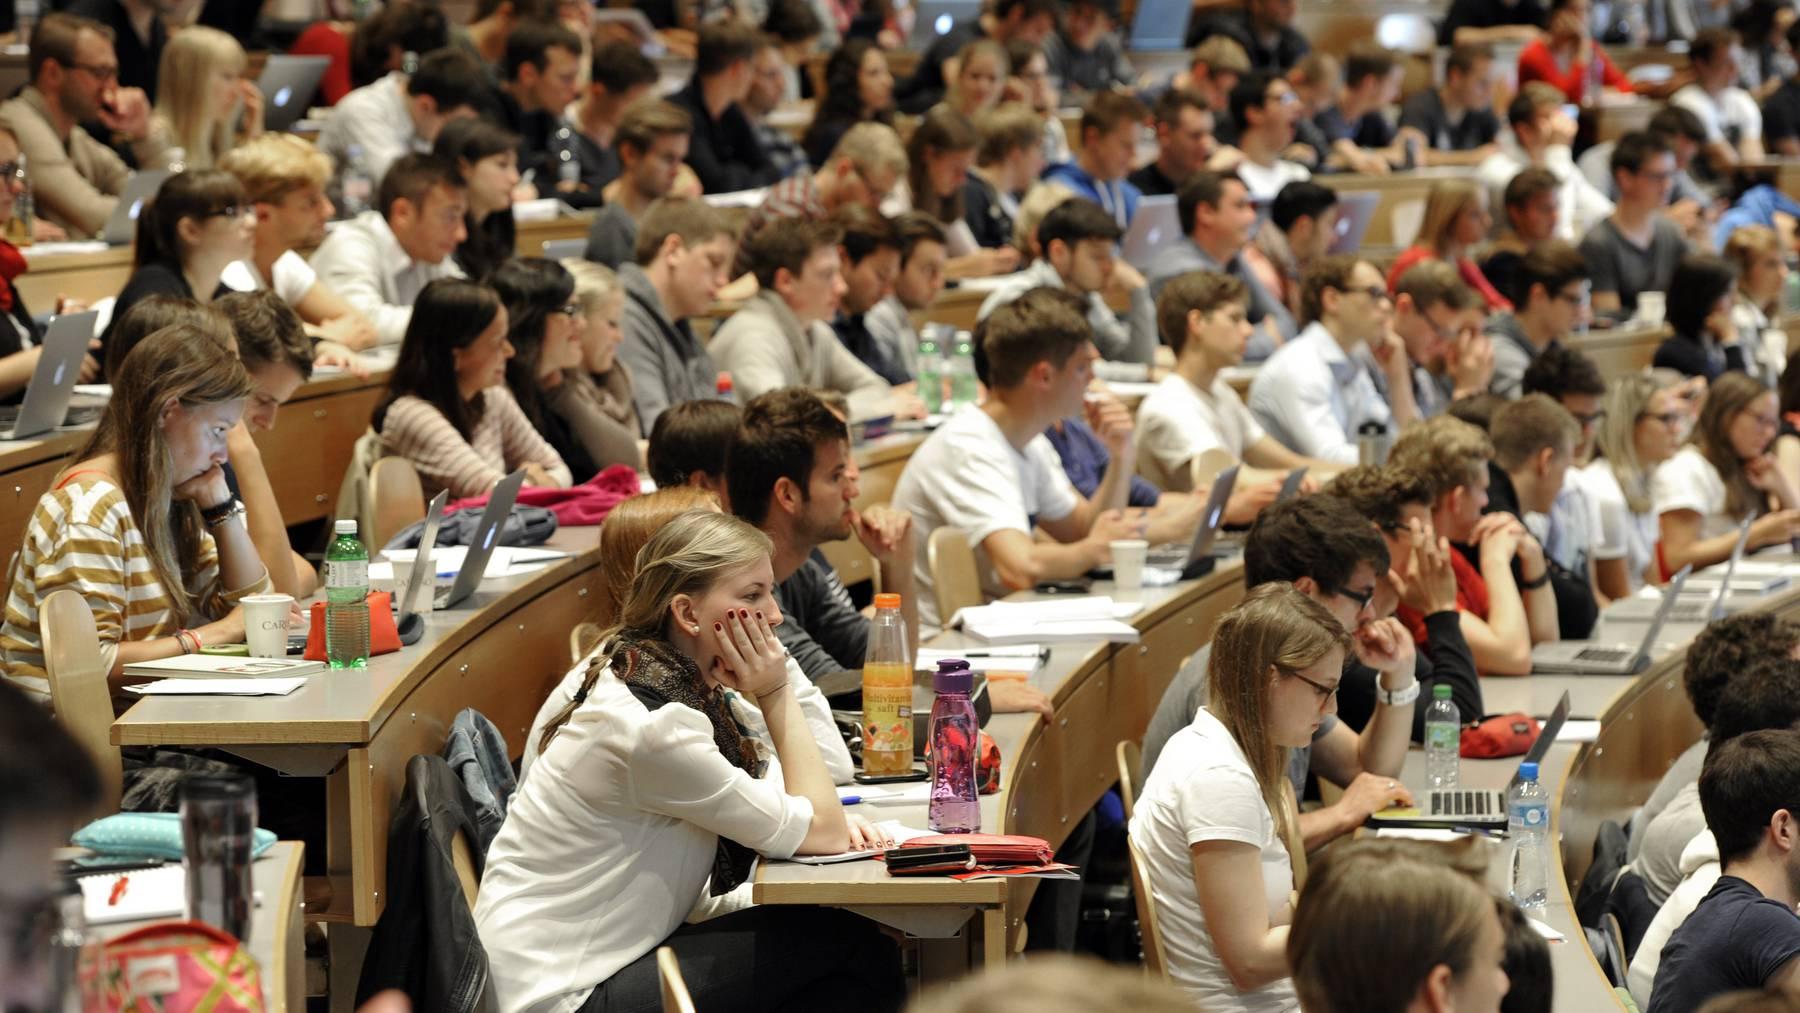 Wer einmal viel verdienen möchte, sollte an der HSG studieren. (Archiv)